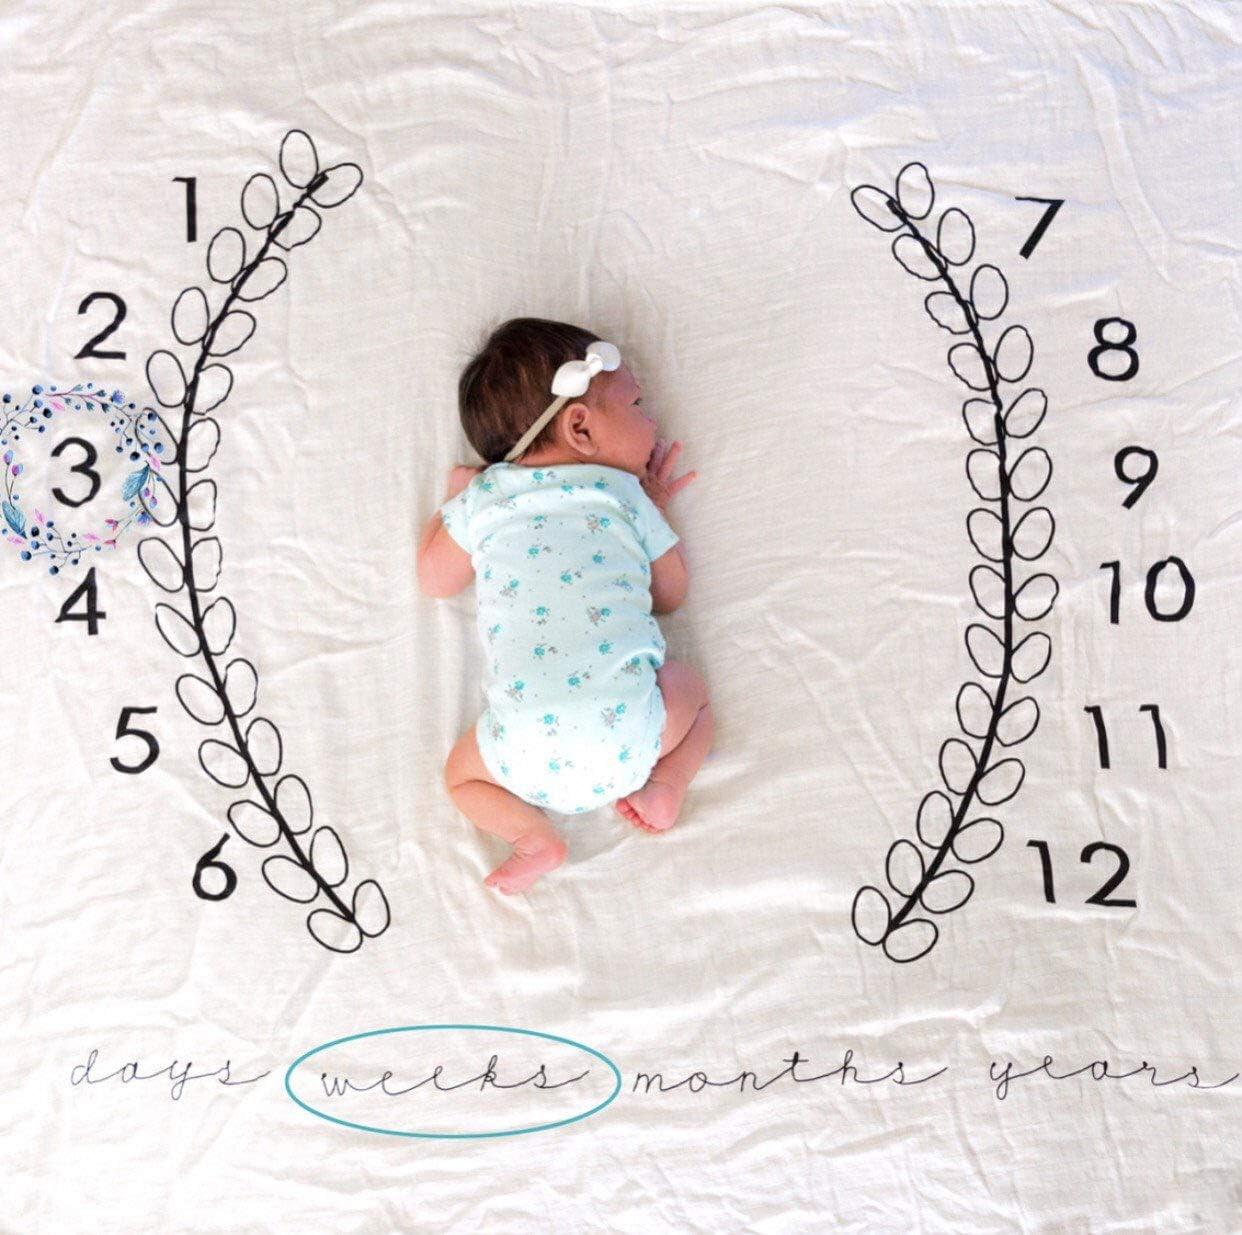 Oso 100 * 100cm Beb/é Manta Mensual Hito Franela Manta Mensual De Hito Para Beb/é Manta Mensual De Beb/é Para Fotos Regalos Personalizados Para Futuras Mam/ás para Beb/é Reci/én Nacido